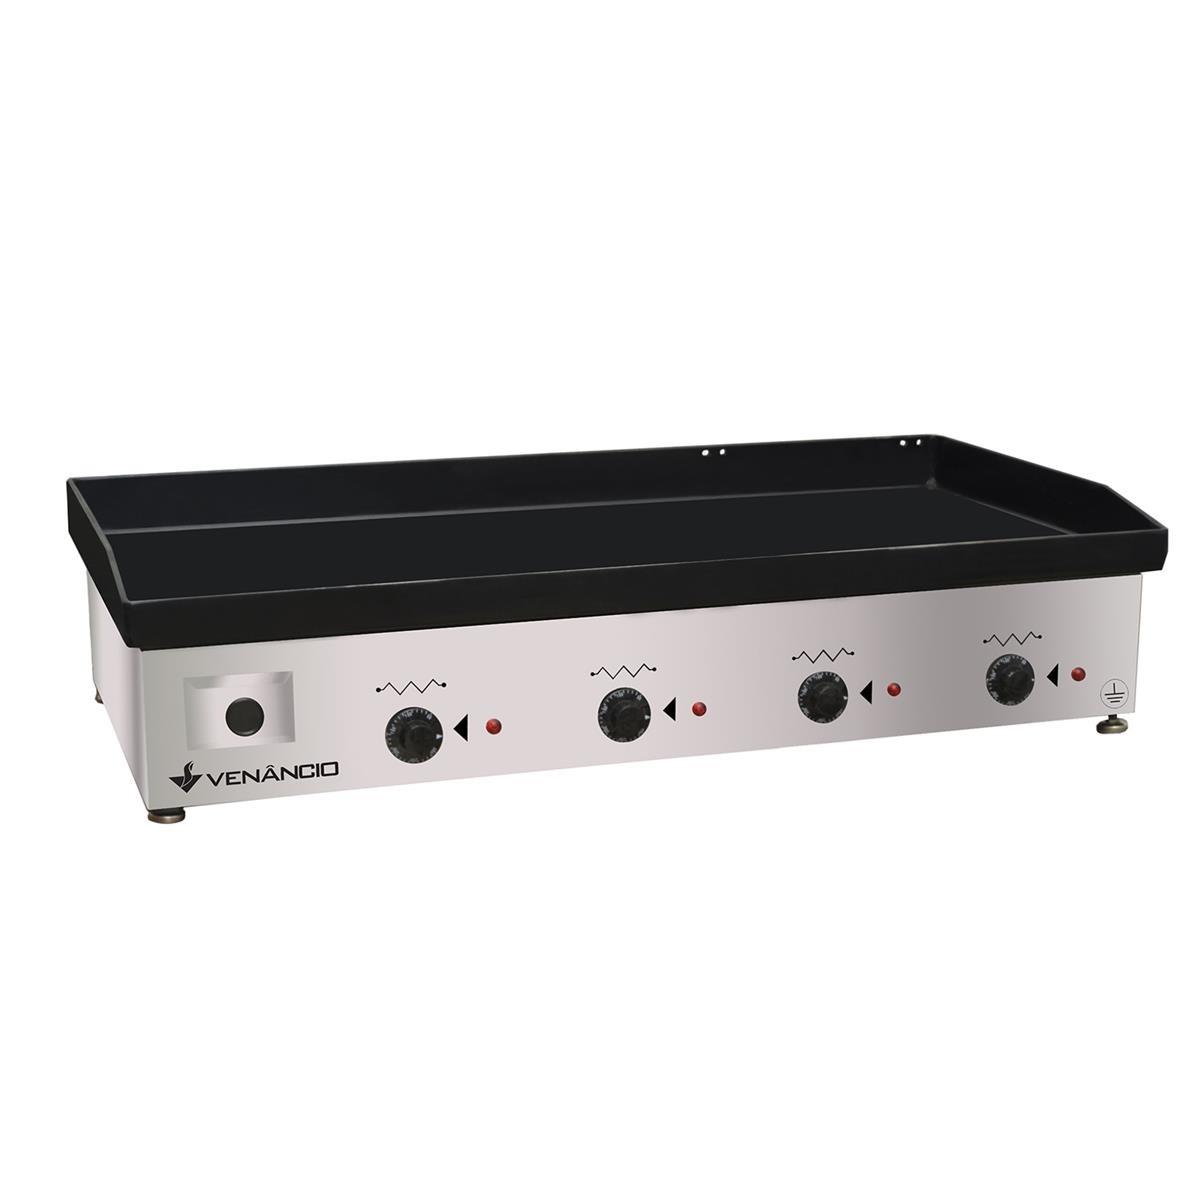 Chapa Elétrica Inox 220v CE100 - Venâncio